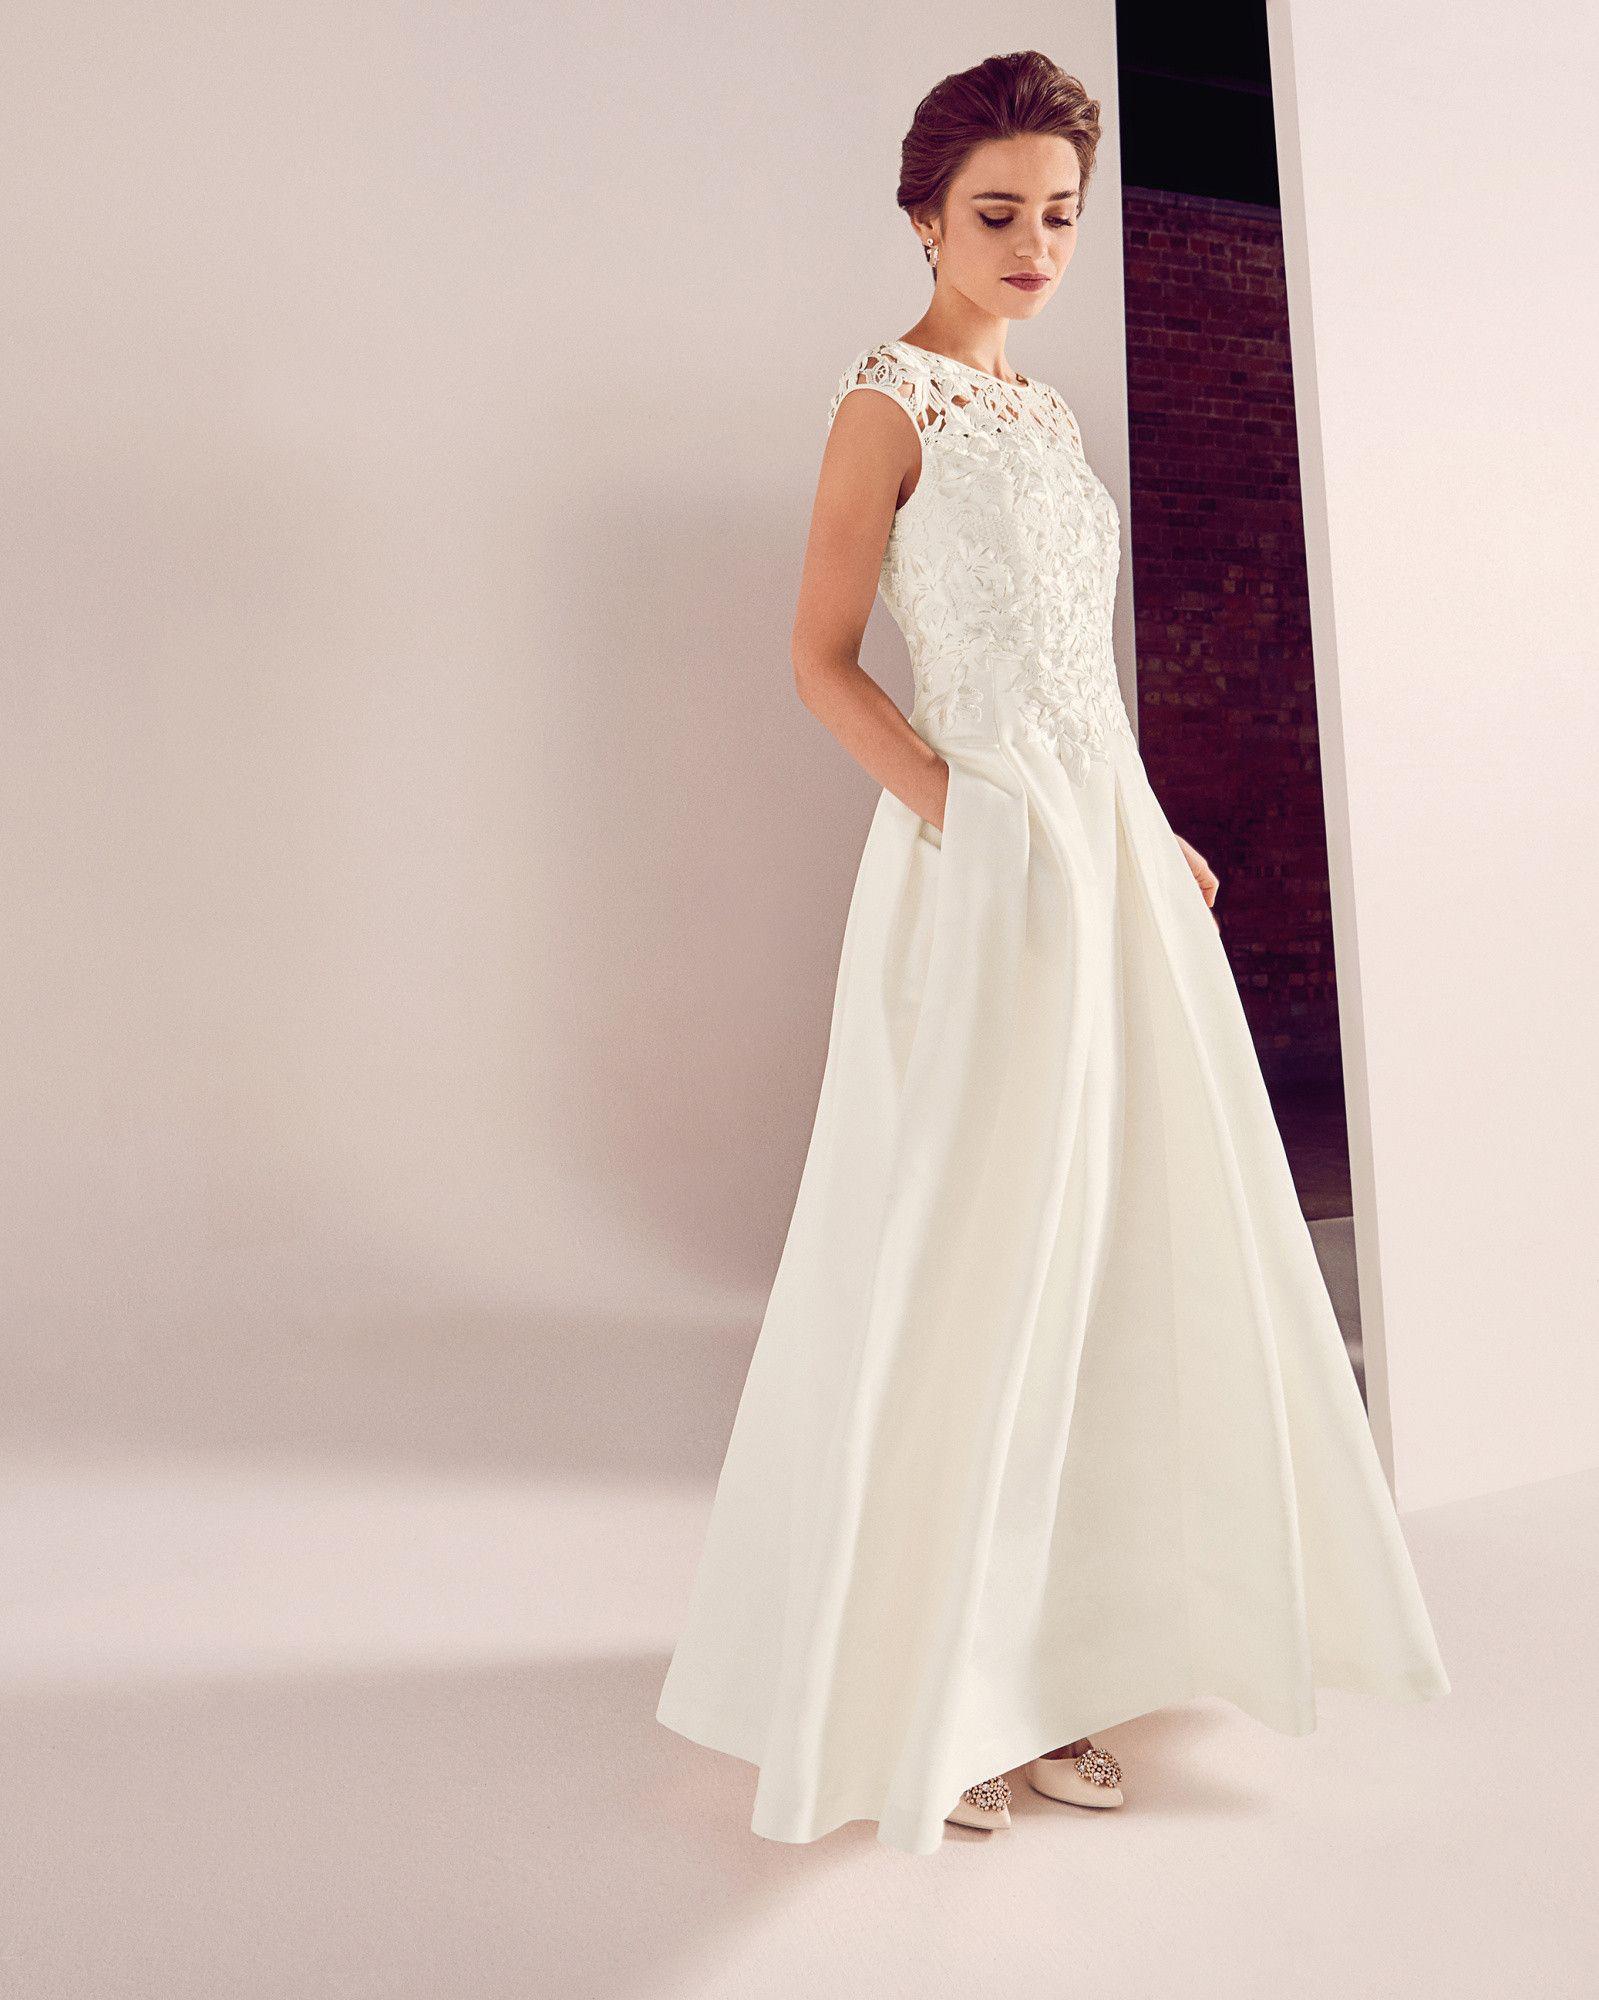 Brautkleid mit besticktem Mieder - Weiß  FS19 Tie The Knot  Ted